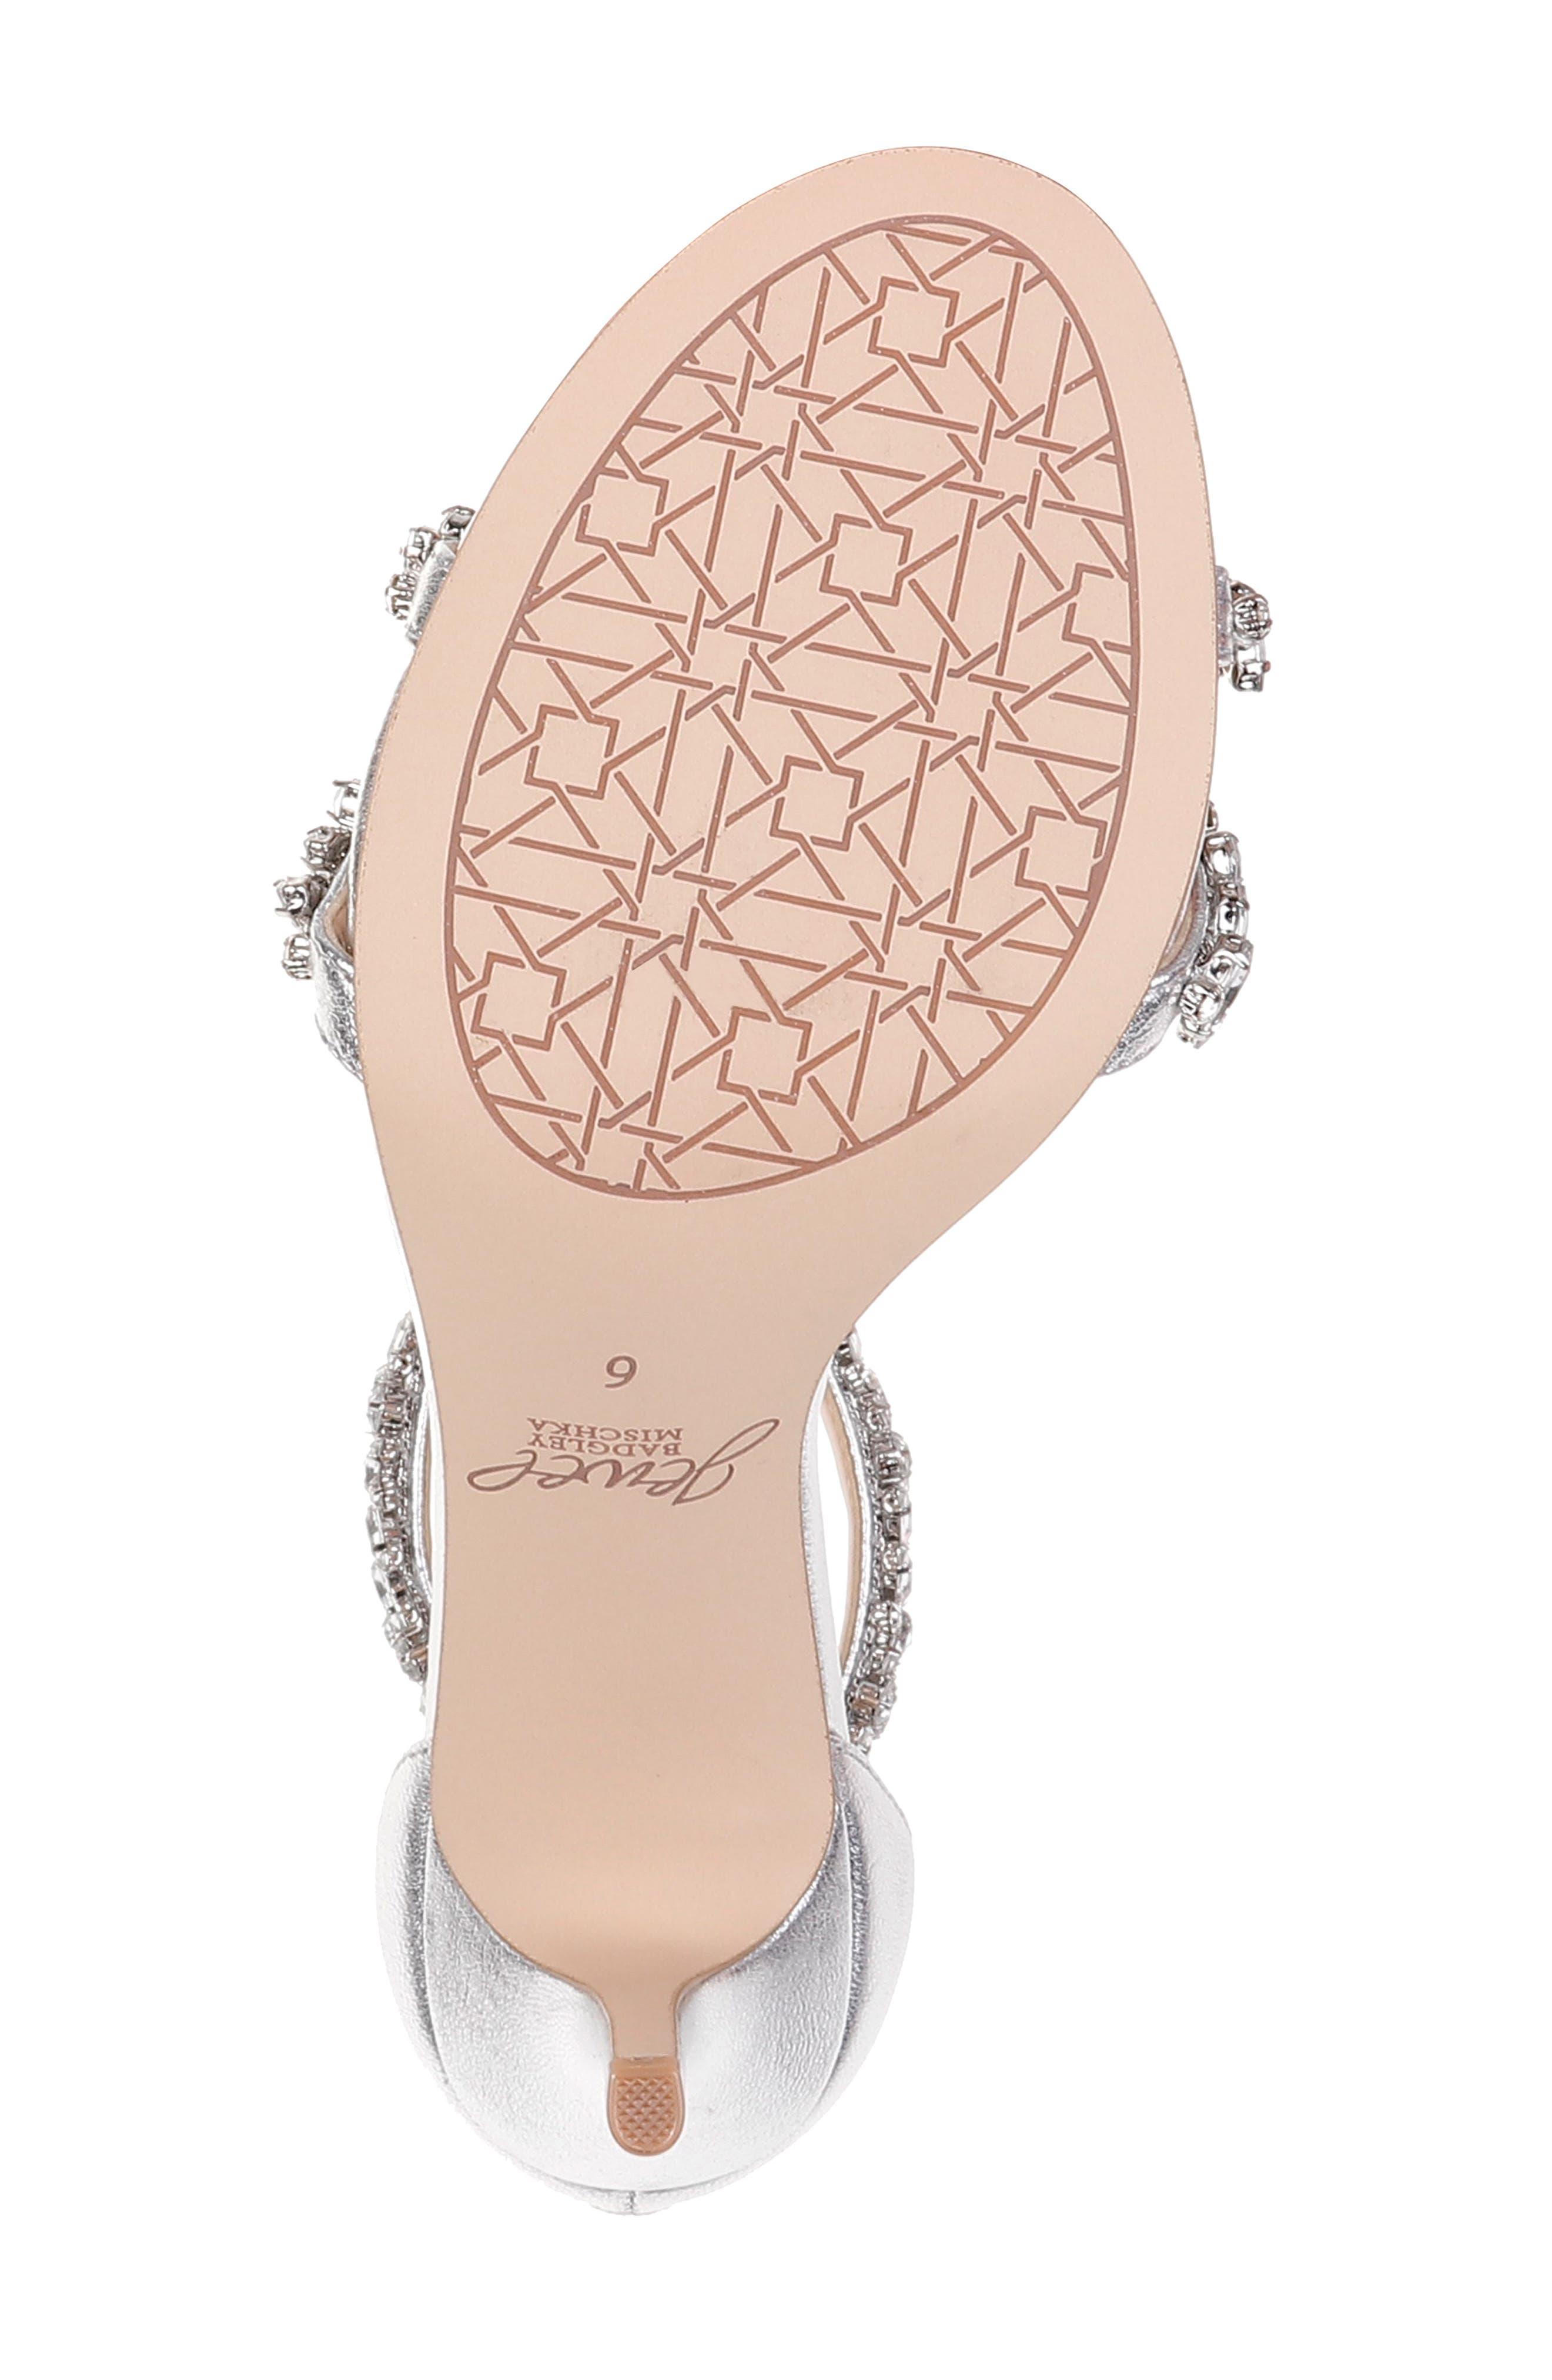 JEWEL BADGLEY MISCHKA, Darlene Embellished Ankle Strap Sandal, Alternate thumbnail 6, color, SILVER LEATHER